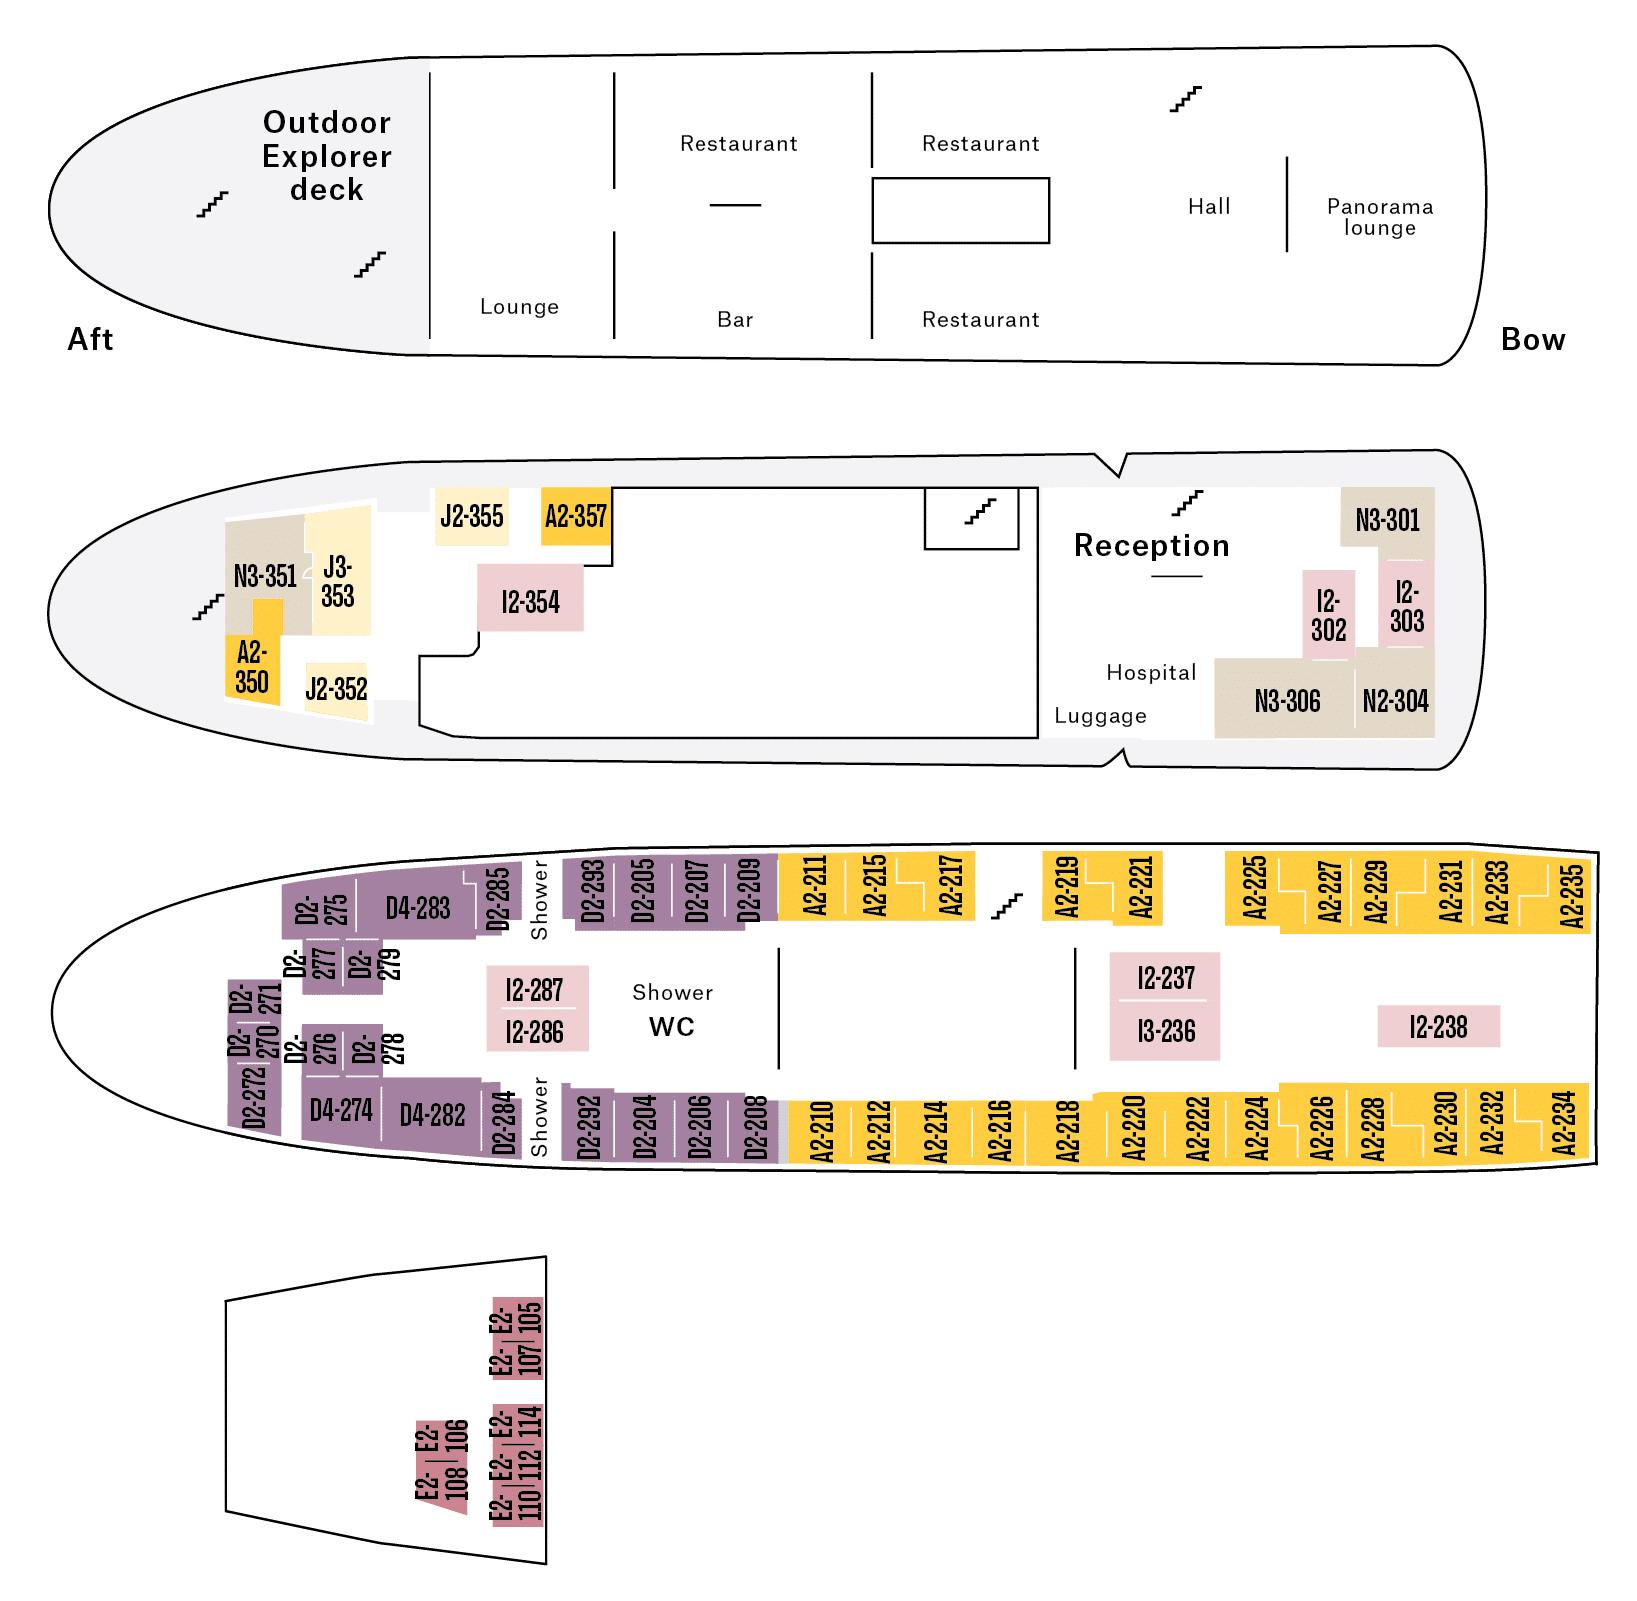 Cruiseschip-Hurtigruten-MS-Nordstjernen-schip-deck-info